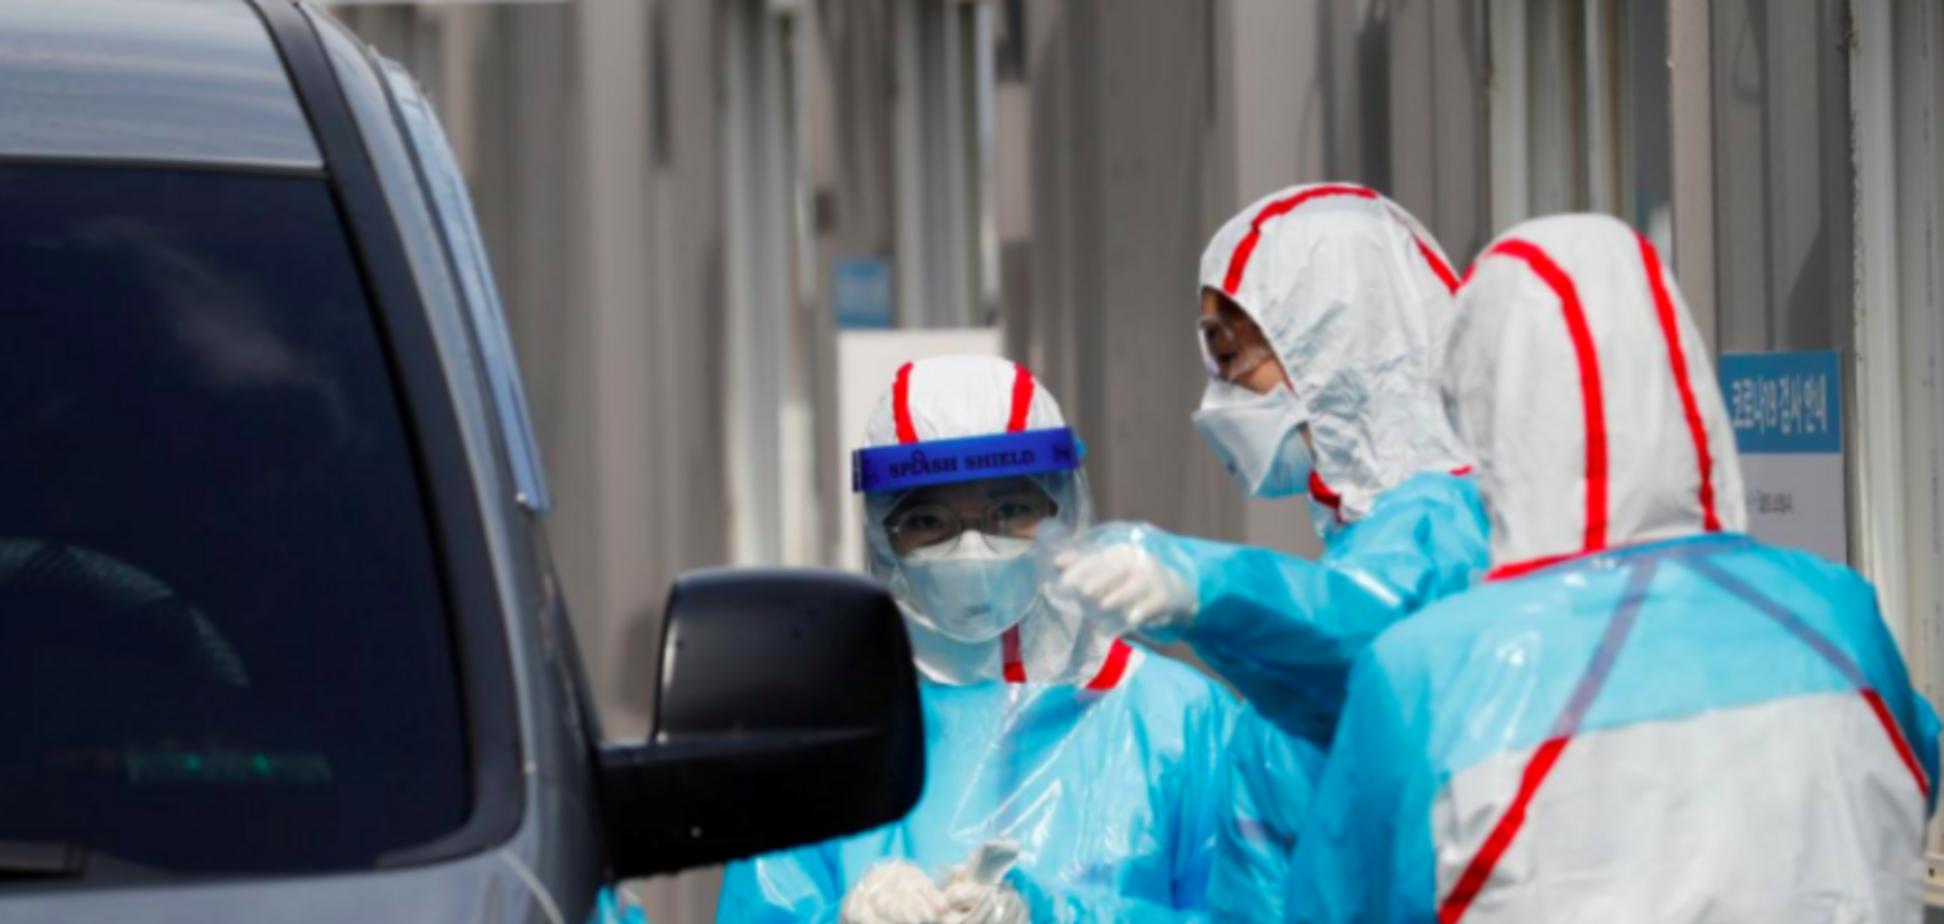 Коронавирусом заболело почти 2,5 млн человек: статистика в мире и Украине на 20 апреля. Постоянно обновляется